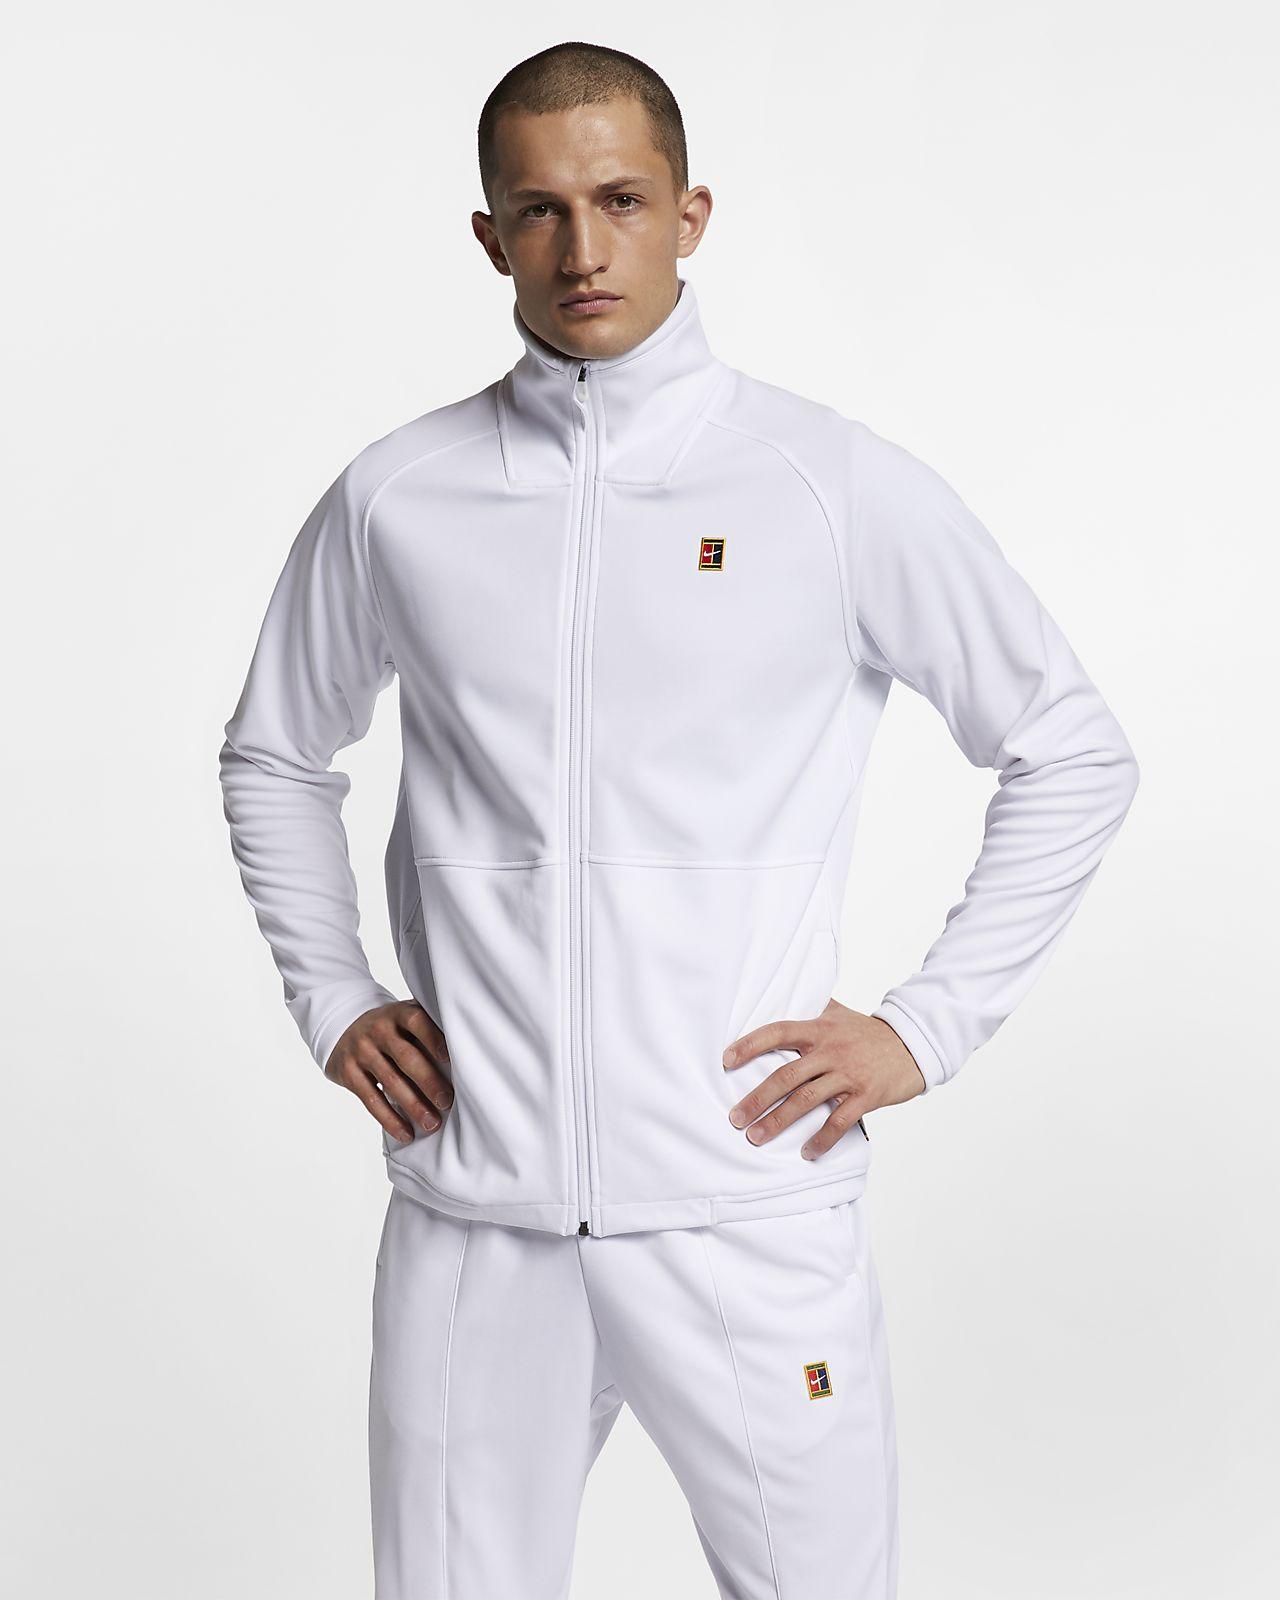 NikeCourt Tennisjack voor heren